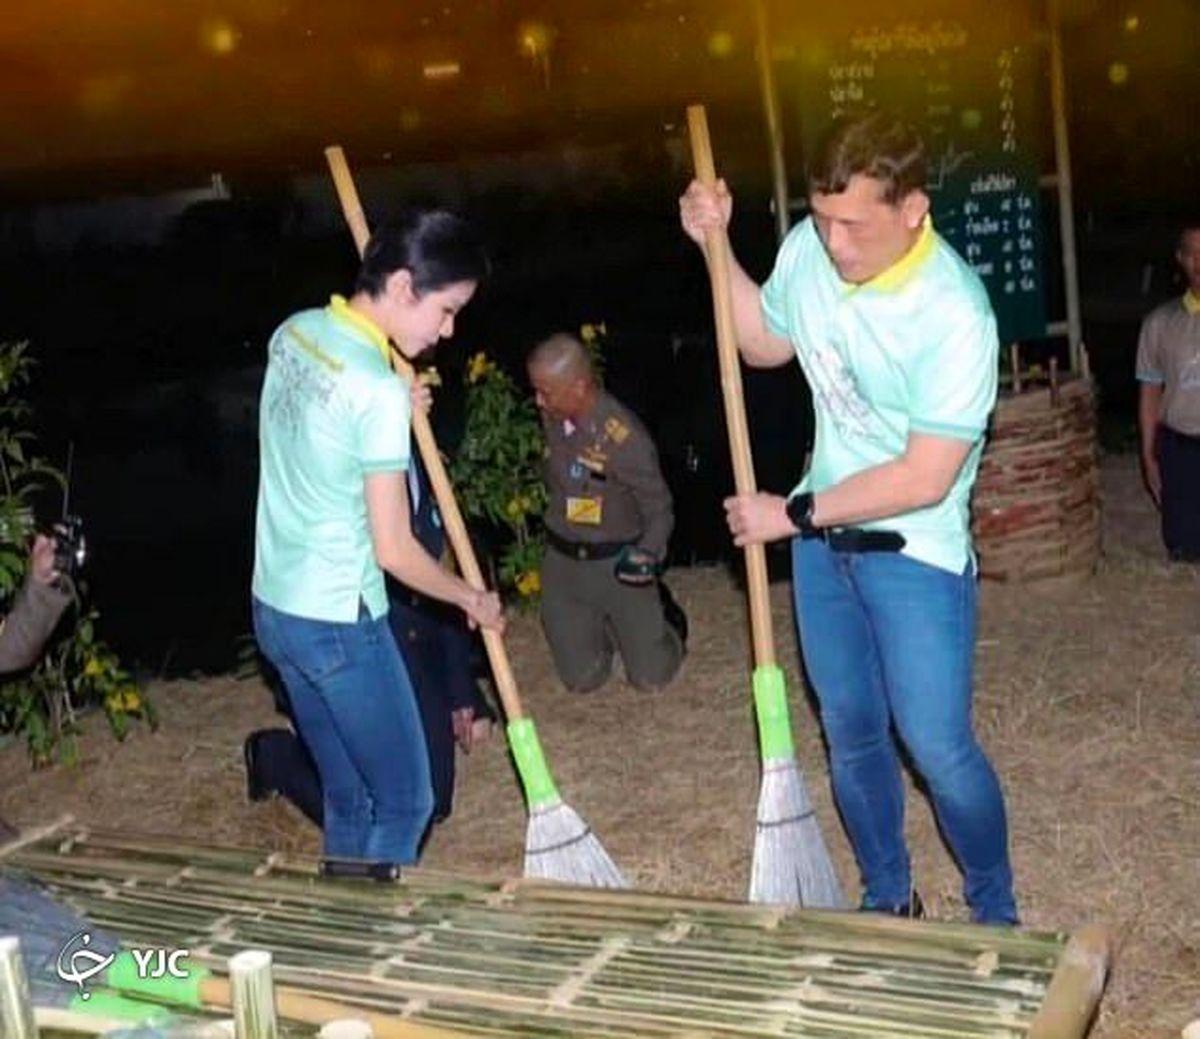 جاروکشی پادشاه تایلند و معشوقه جنجالیاش در زندان! + عکس